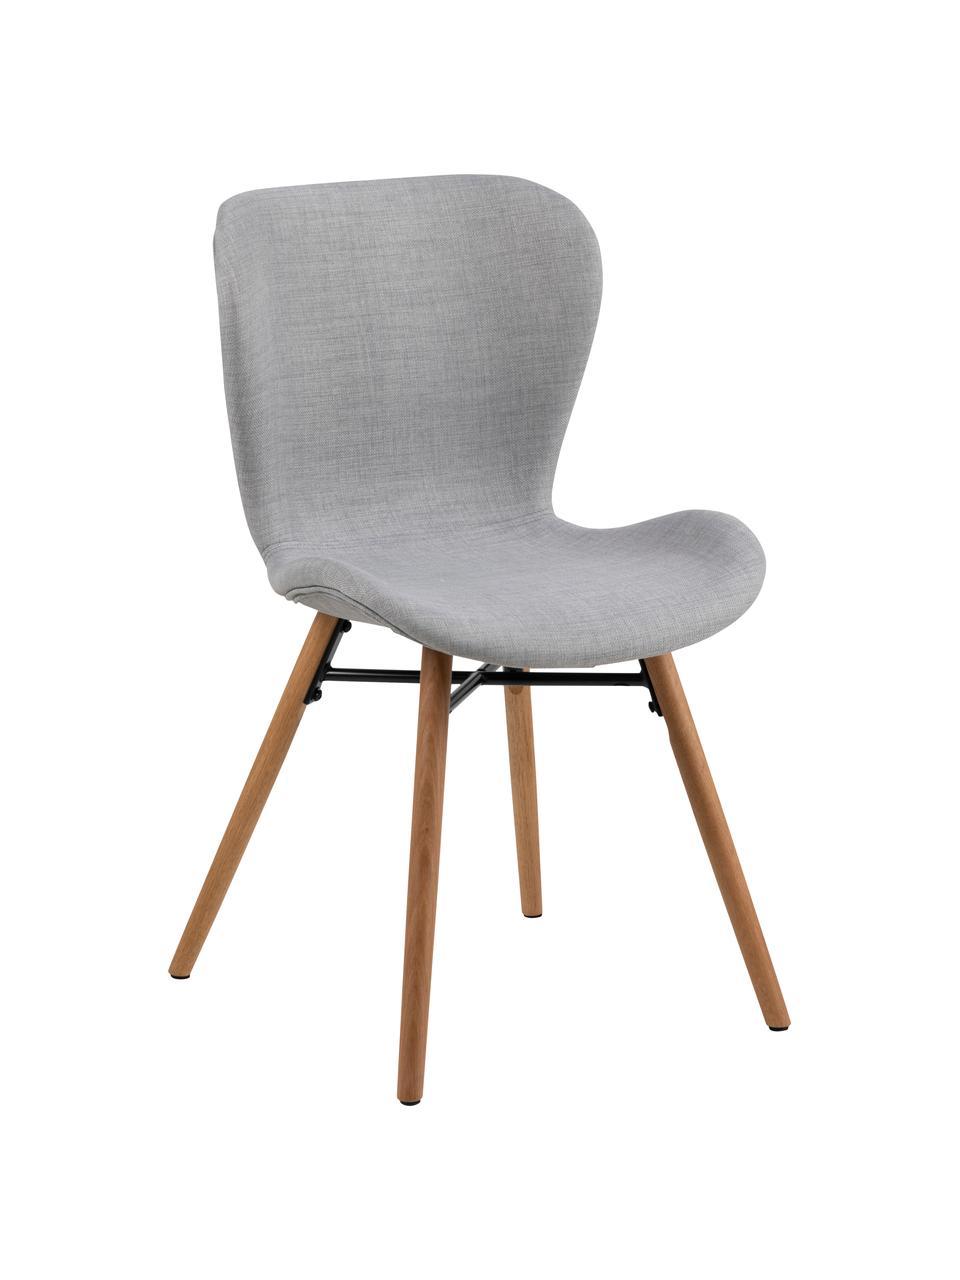 Krzesło tapicerowane Batilda, 2 szt., Tapicerka: poliester Dzięki tkaninie, Nogi: lite drewno dębowe, lakie, Jasny szary, S 56 x G 47 cm